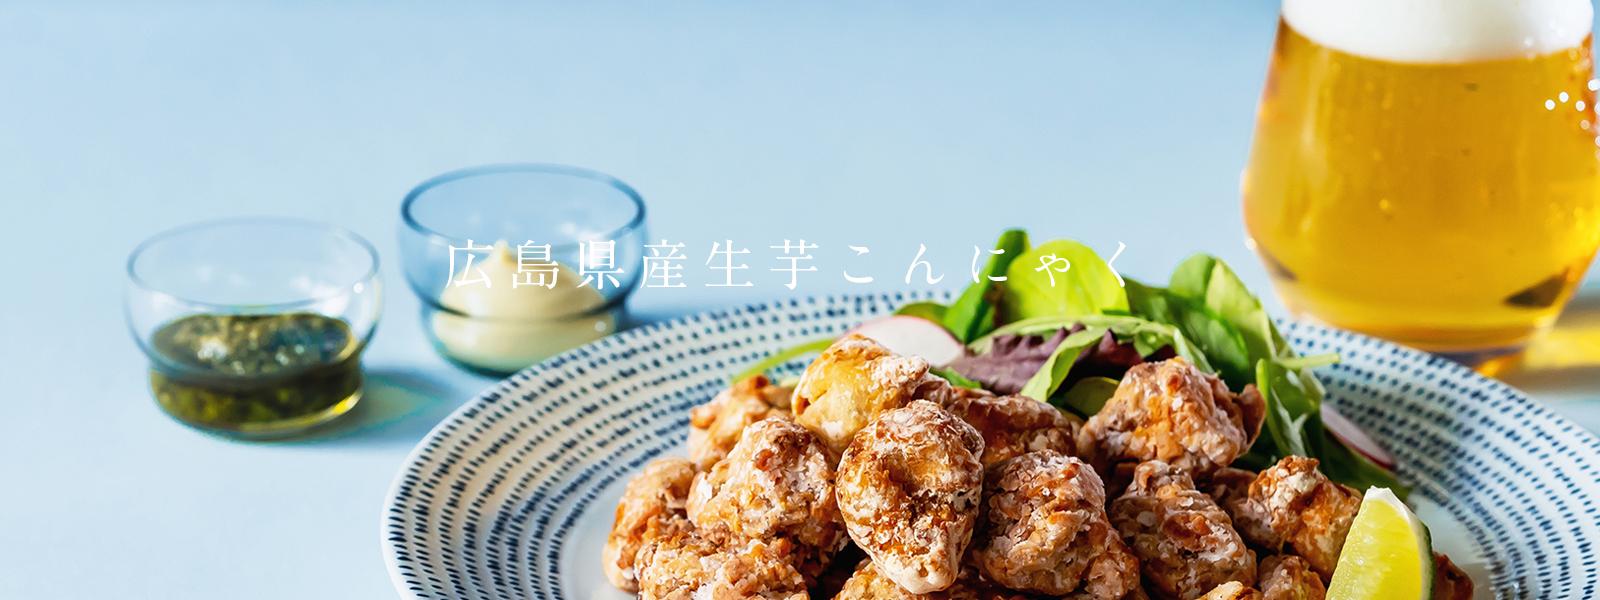 広島県産原料生芋100%